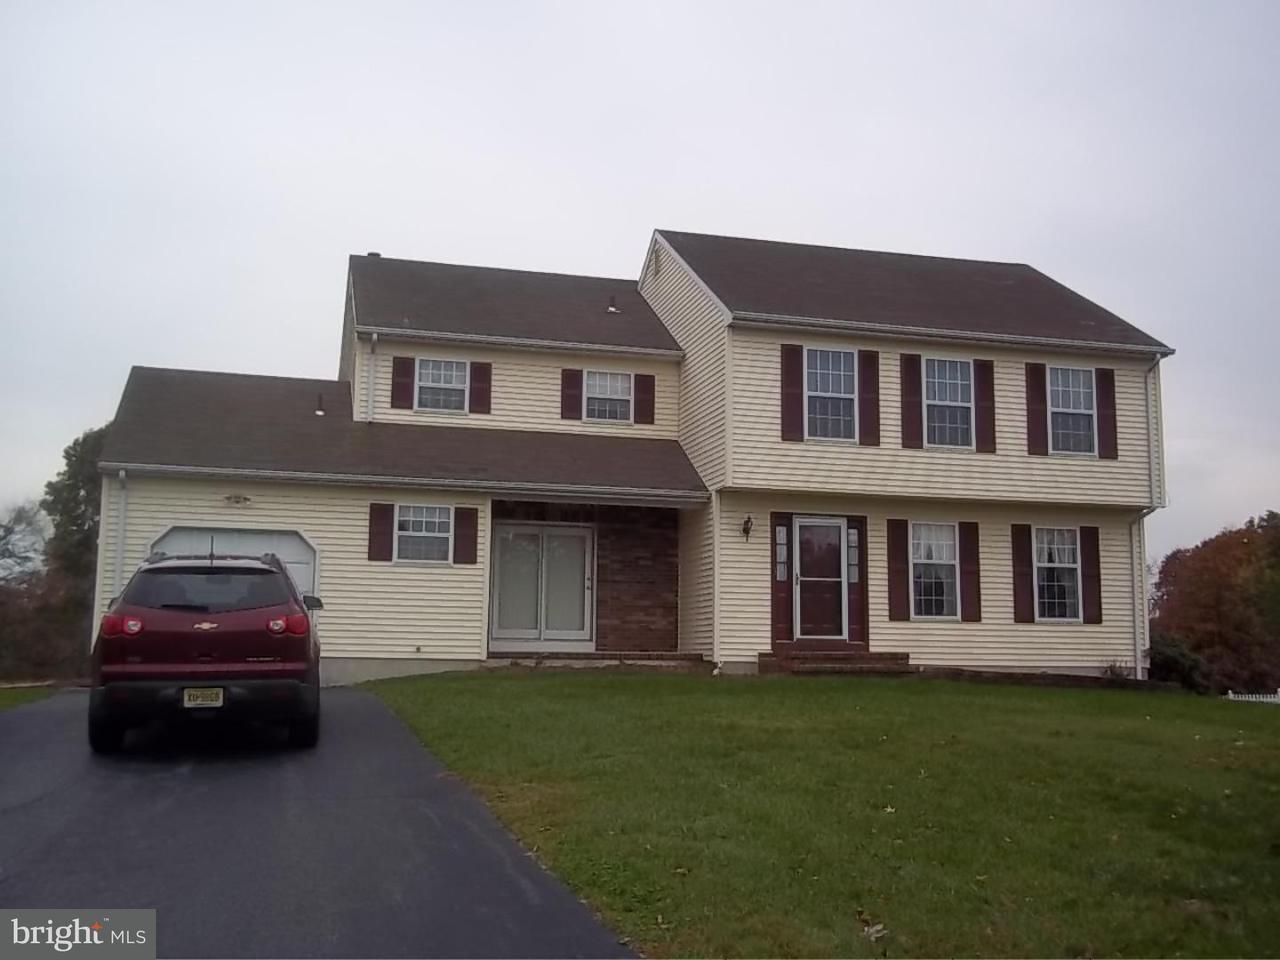 独户住宅 为 销售 在 15 SPRING HILL Drive Woolwich Township, 新泽西州 08085 美国